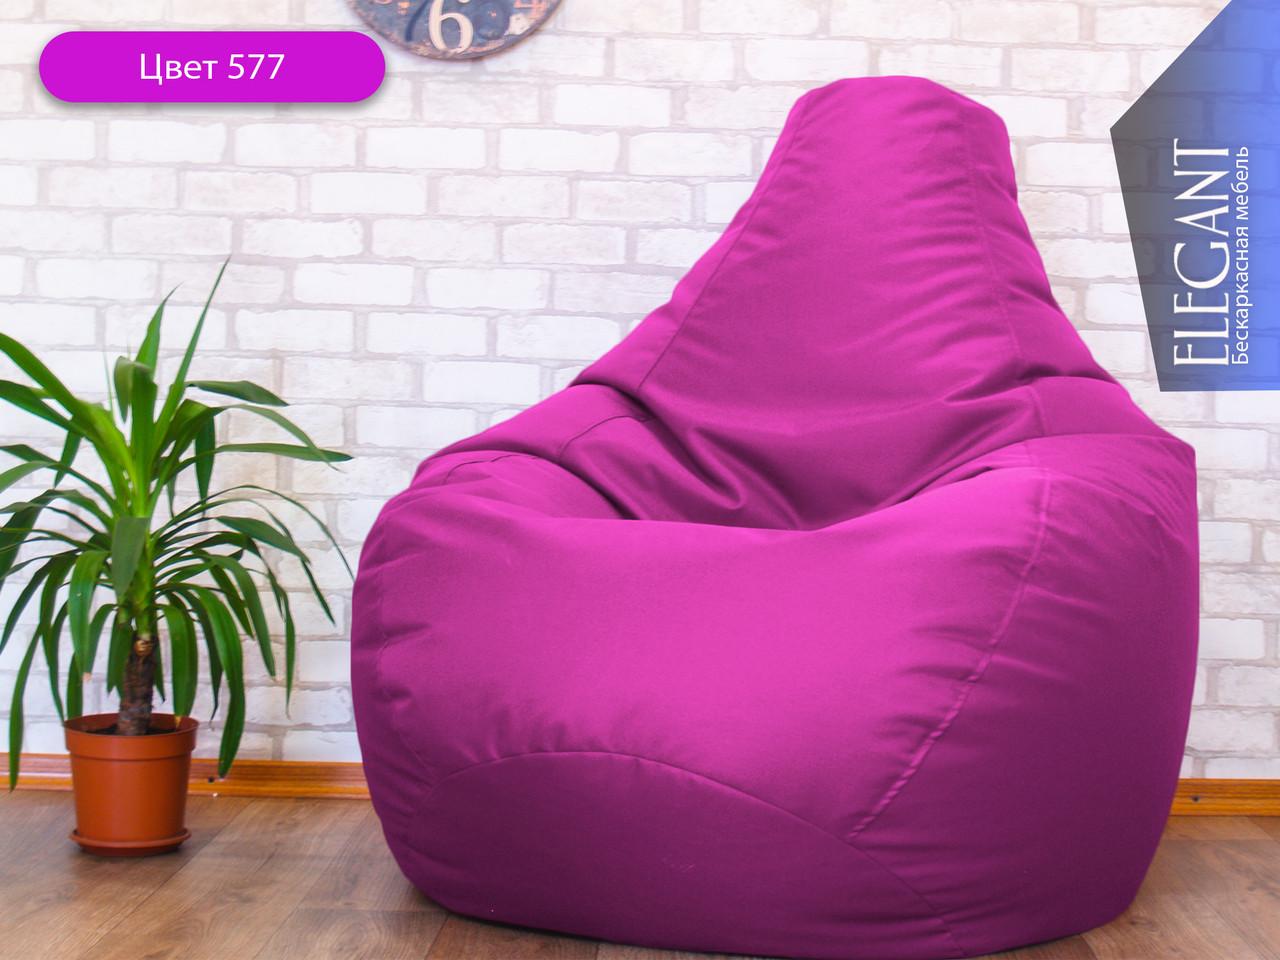 Кресло мешок, бескаркасное кресло Груша ХЛ, зеленое ХЛ 105*85 см, розовый 577